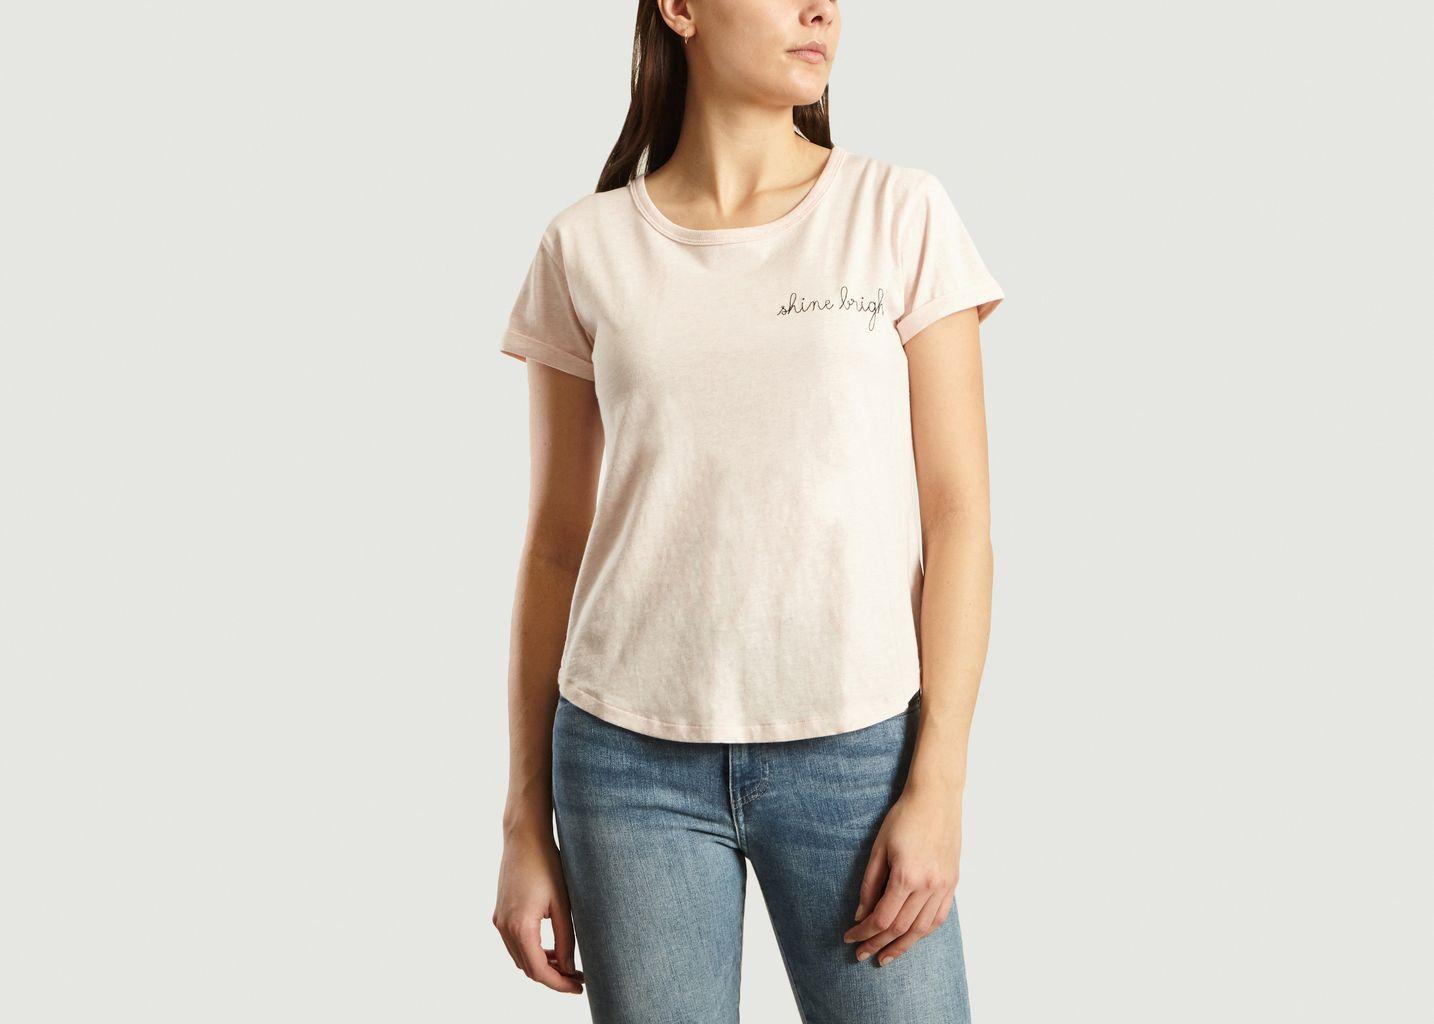 T-Shirt Shine Bright - Maison Labiche